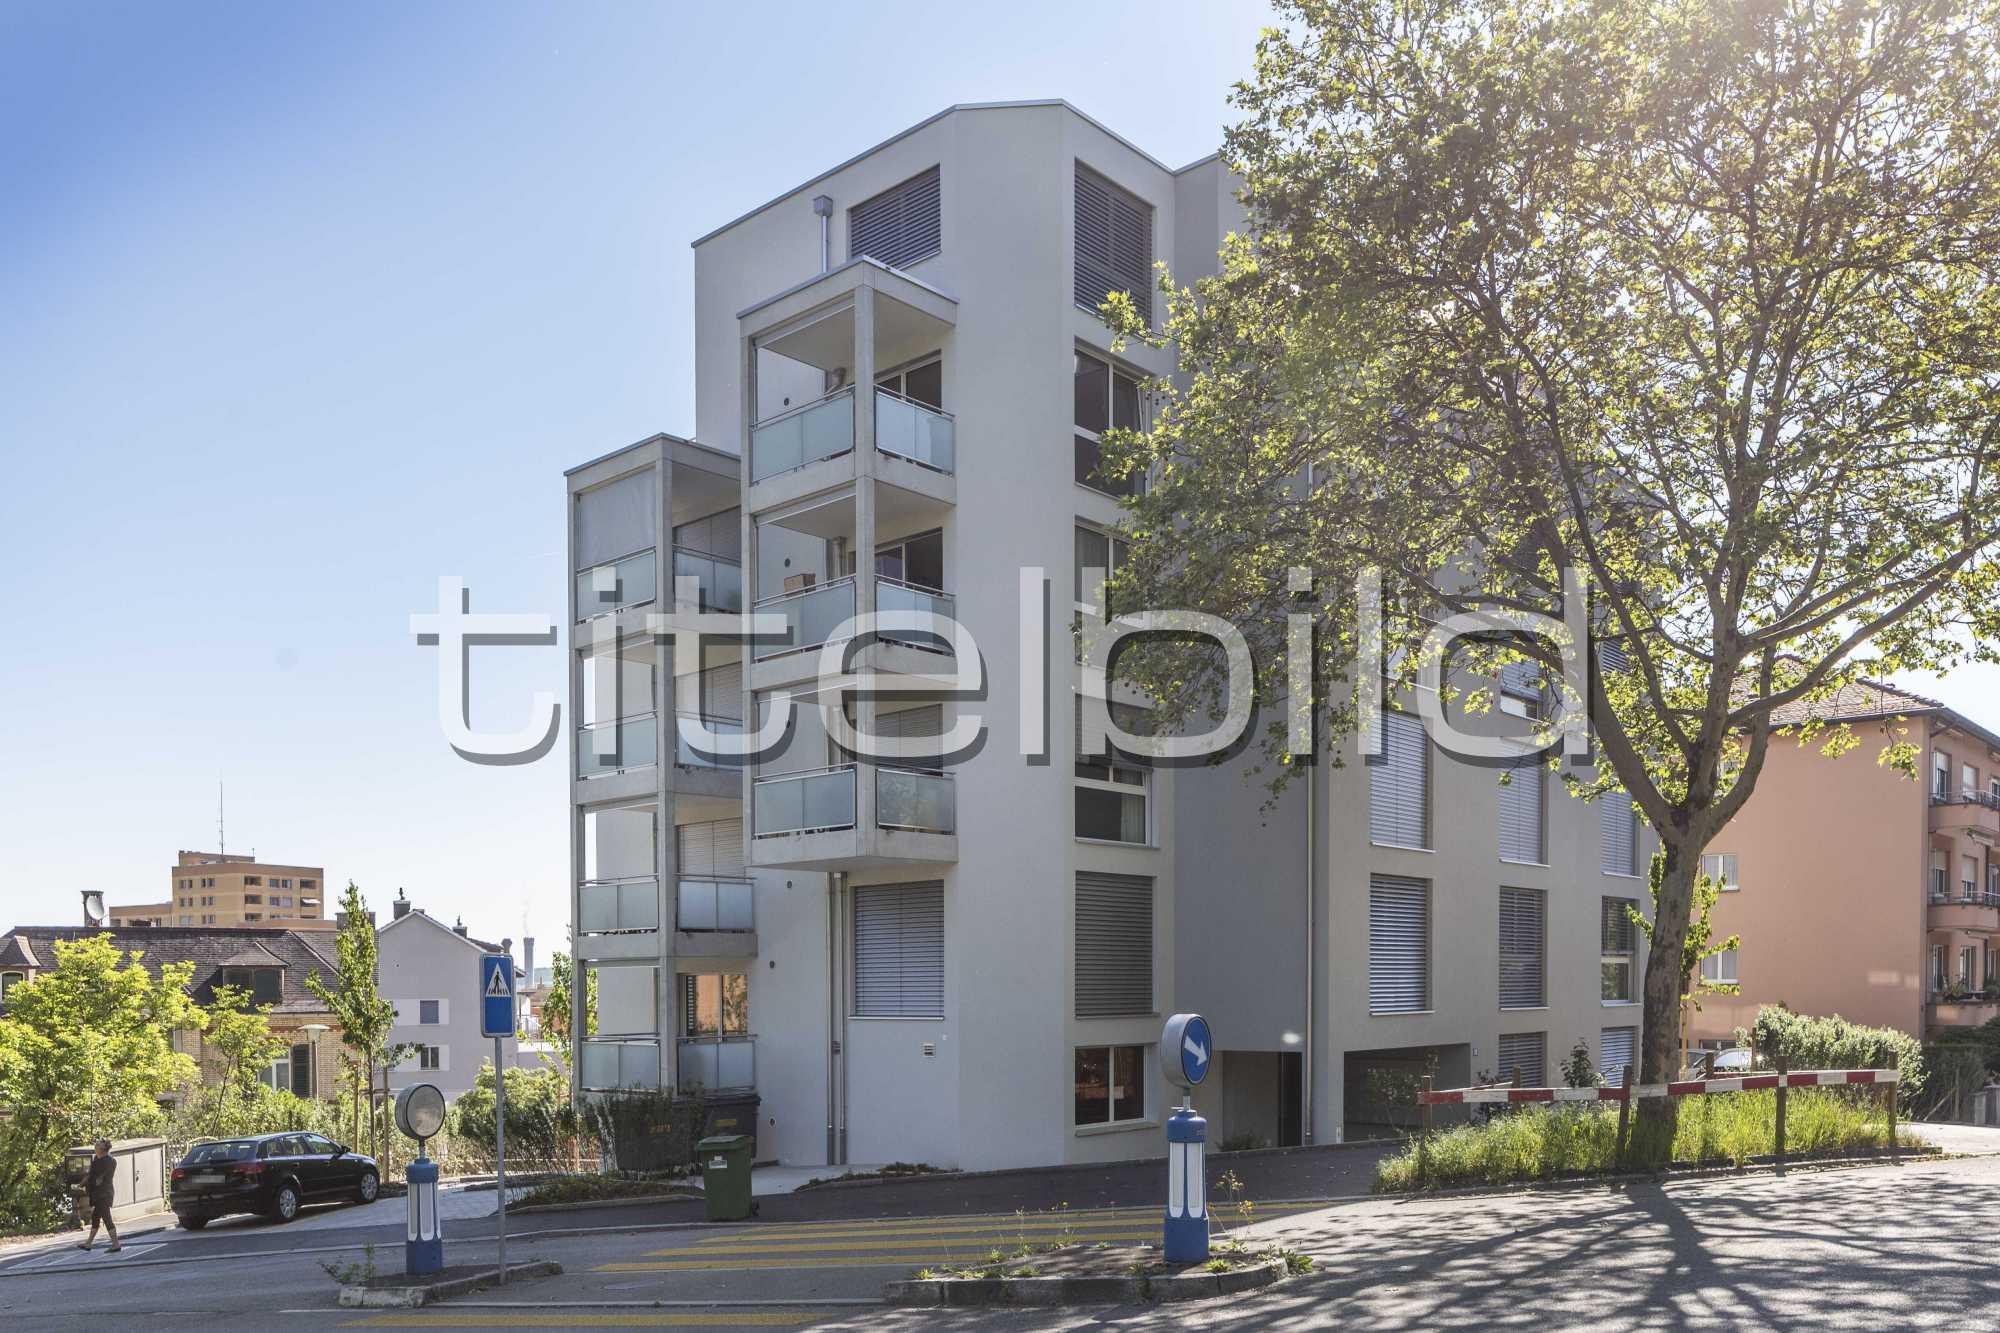 Projektbild-Nr. 2: Regensbergstrasse 96